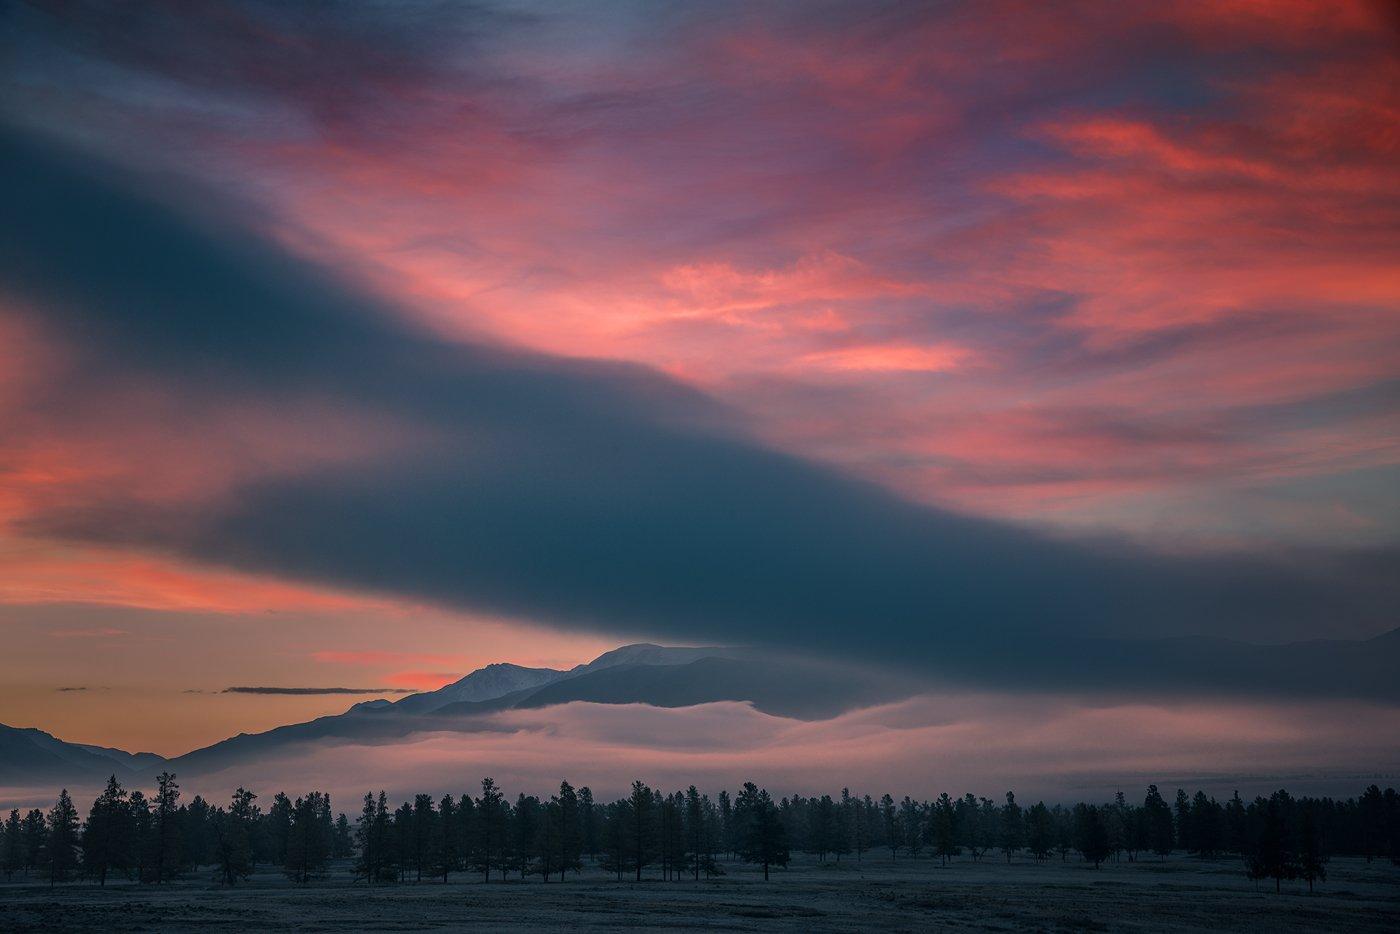 пейзаж, природа, утро, восход, рассвет, небо, облака, туман, красный, синий, розовый, горы, алтай, сибирь, красивая, высокий, большой, Дмитрий Антипов